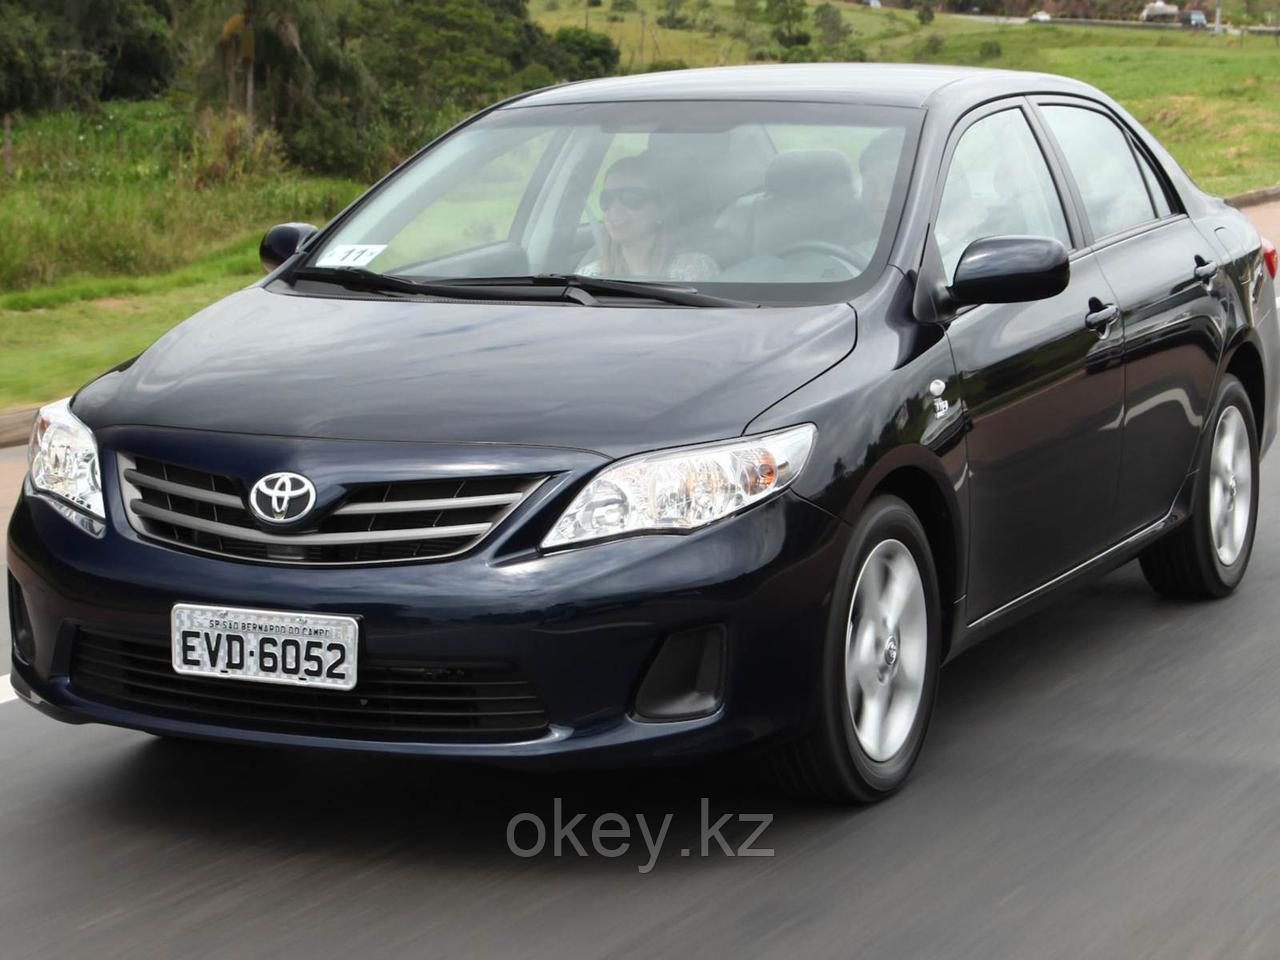 Тормозные колодки Kötl 3425KT для Toyota Corolla X седан (_E14_, _E15_) 1.33, 2007-2013 года выпуска.